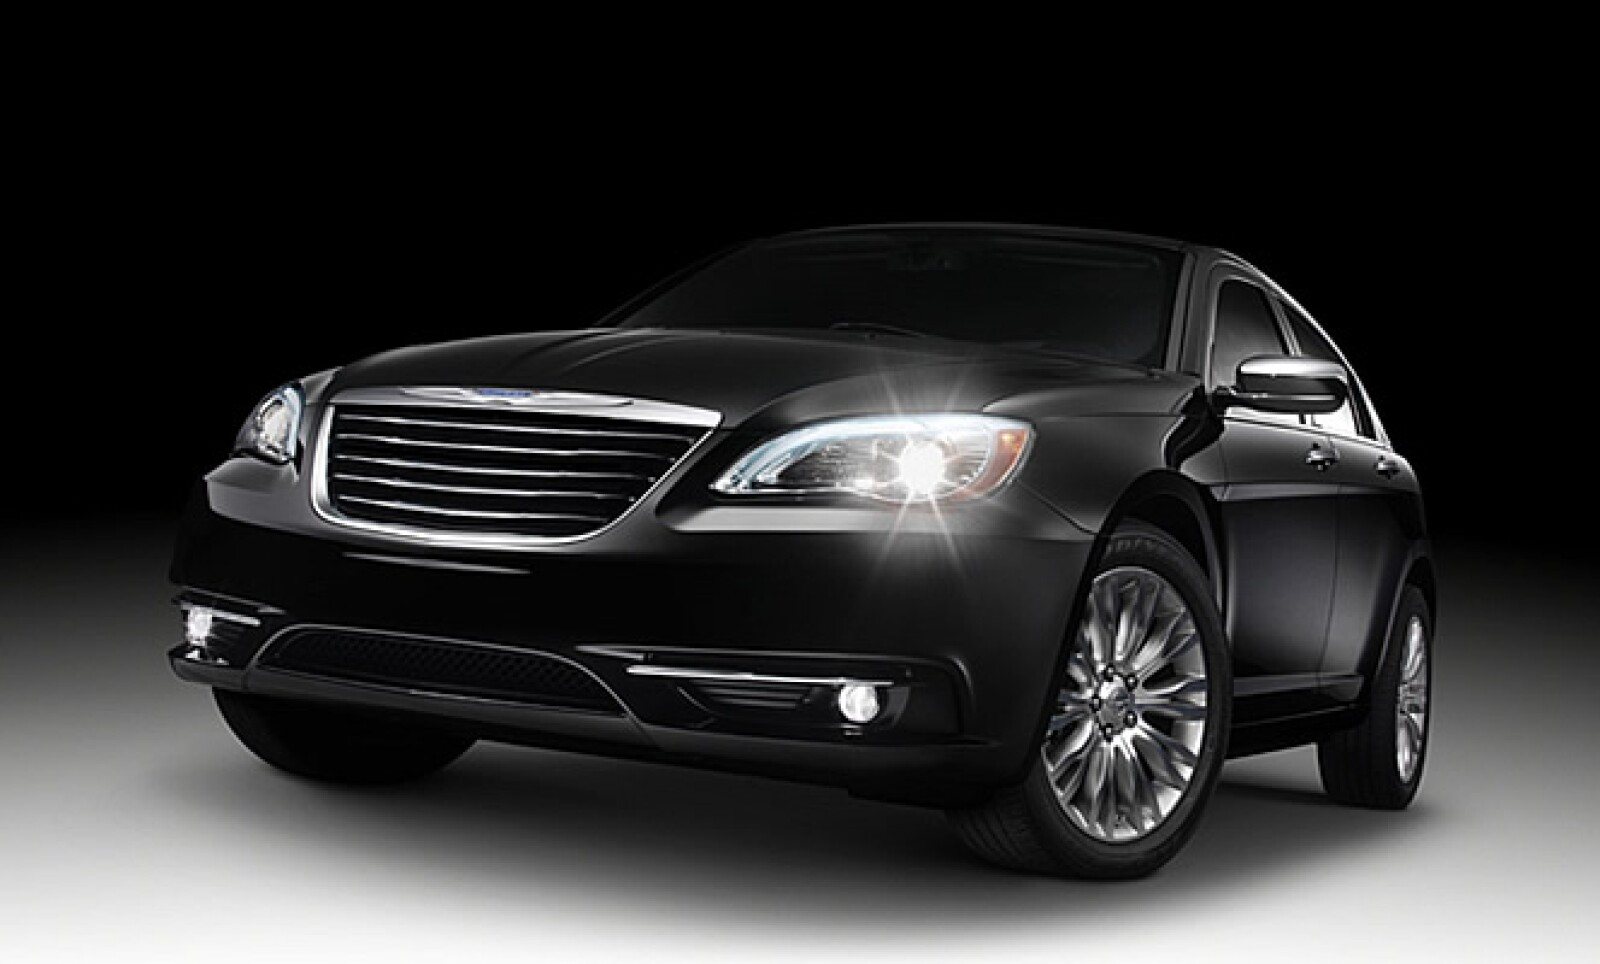 Las líneas del automóvil han sido rediseñadas respecto a su antecesor, en el exterior encontramos un cambio en la facia, la parilla ostenta el nuevo logo de Chrysler y los faros incorporan luces tipo LED.